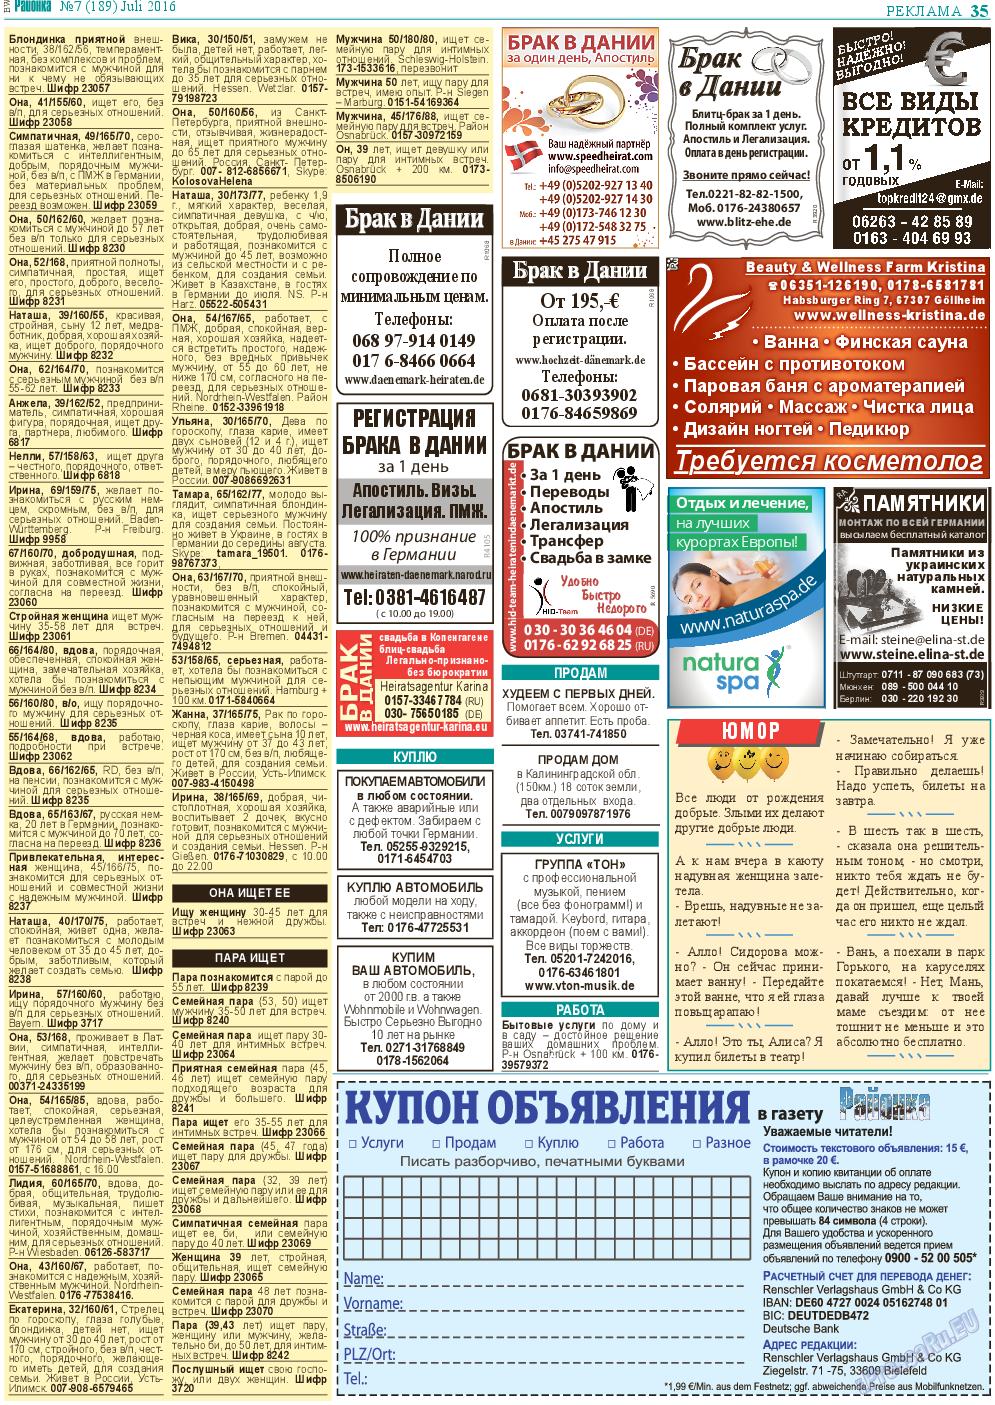 Районка-West (газета). 2016 год, номер 7, стр. 35